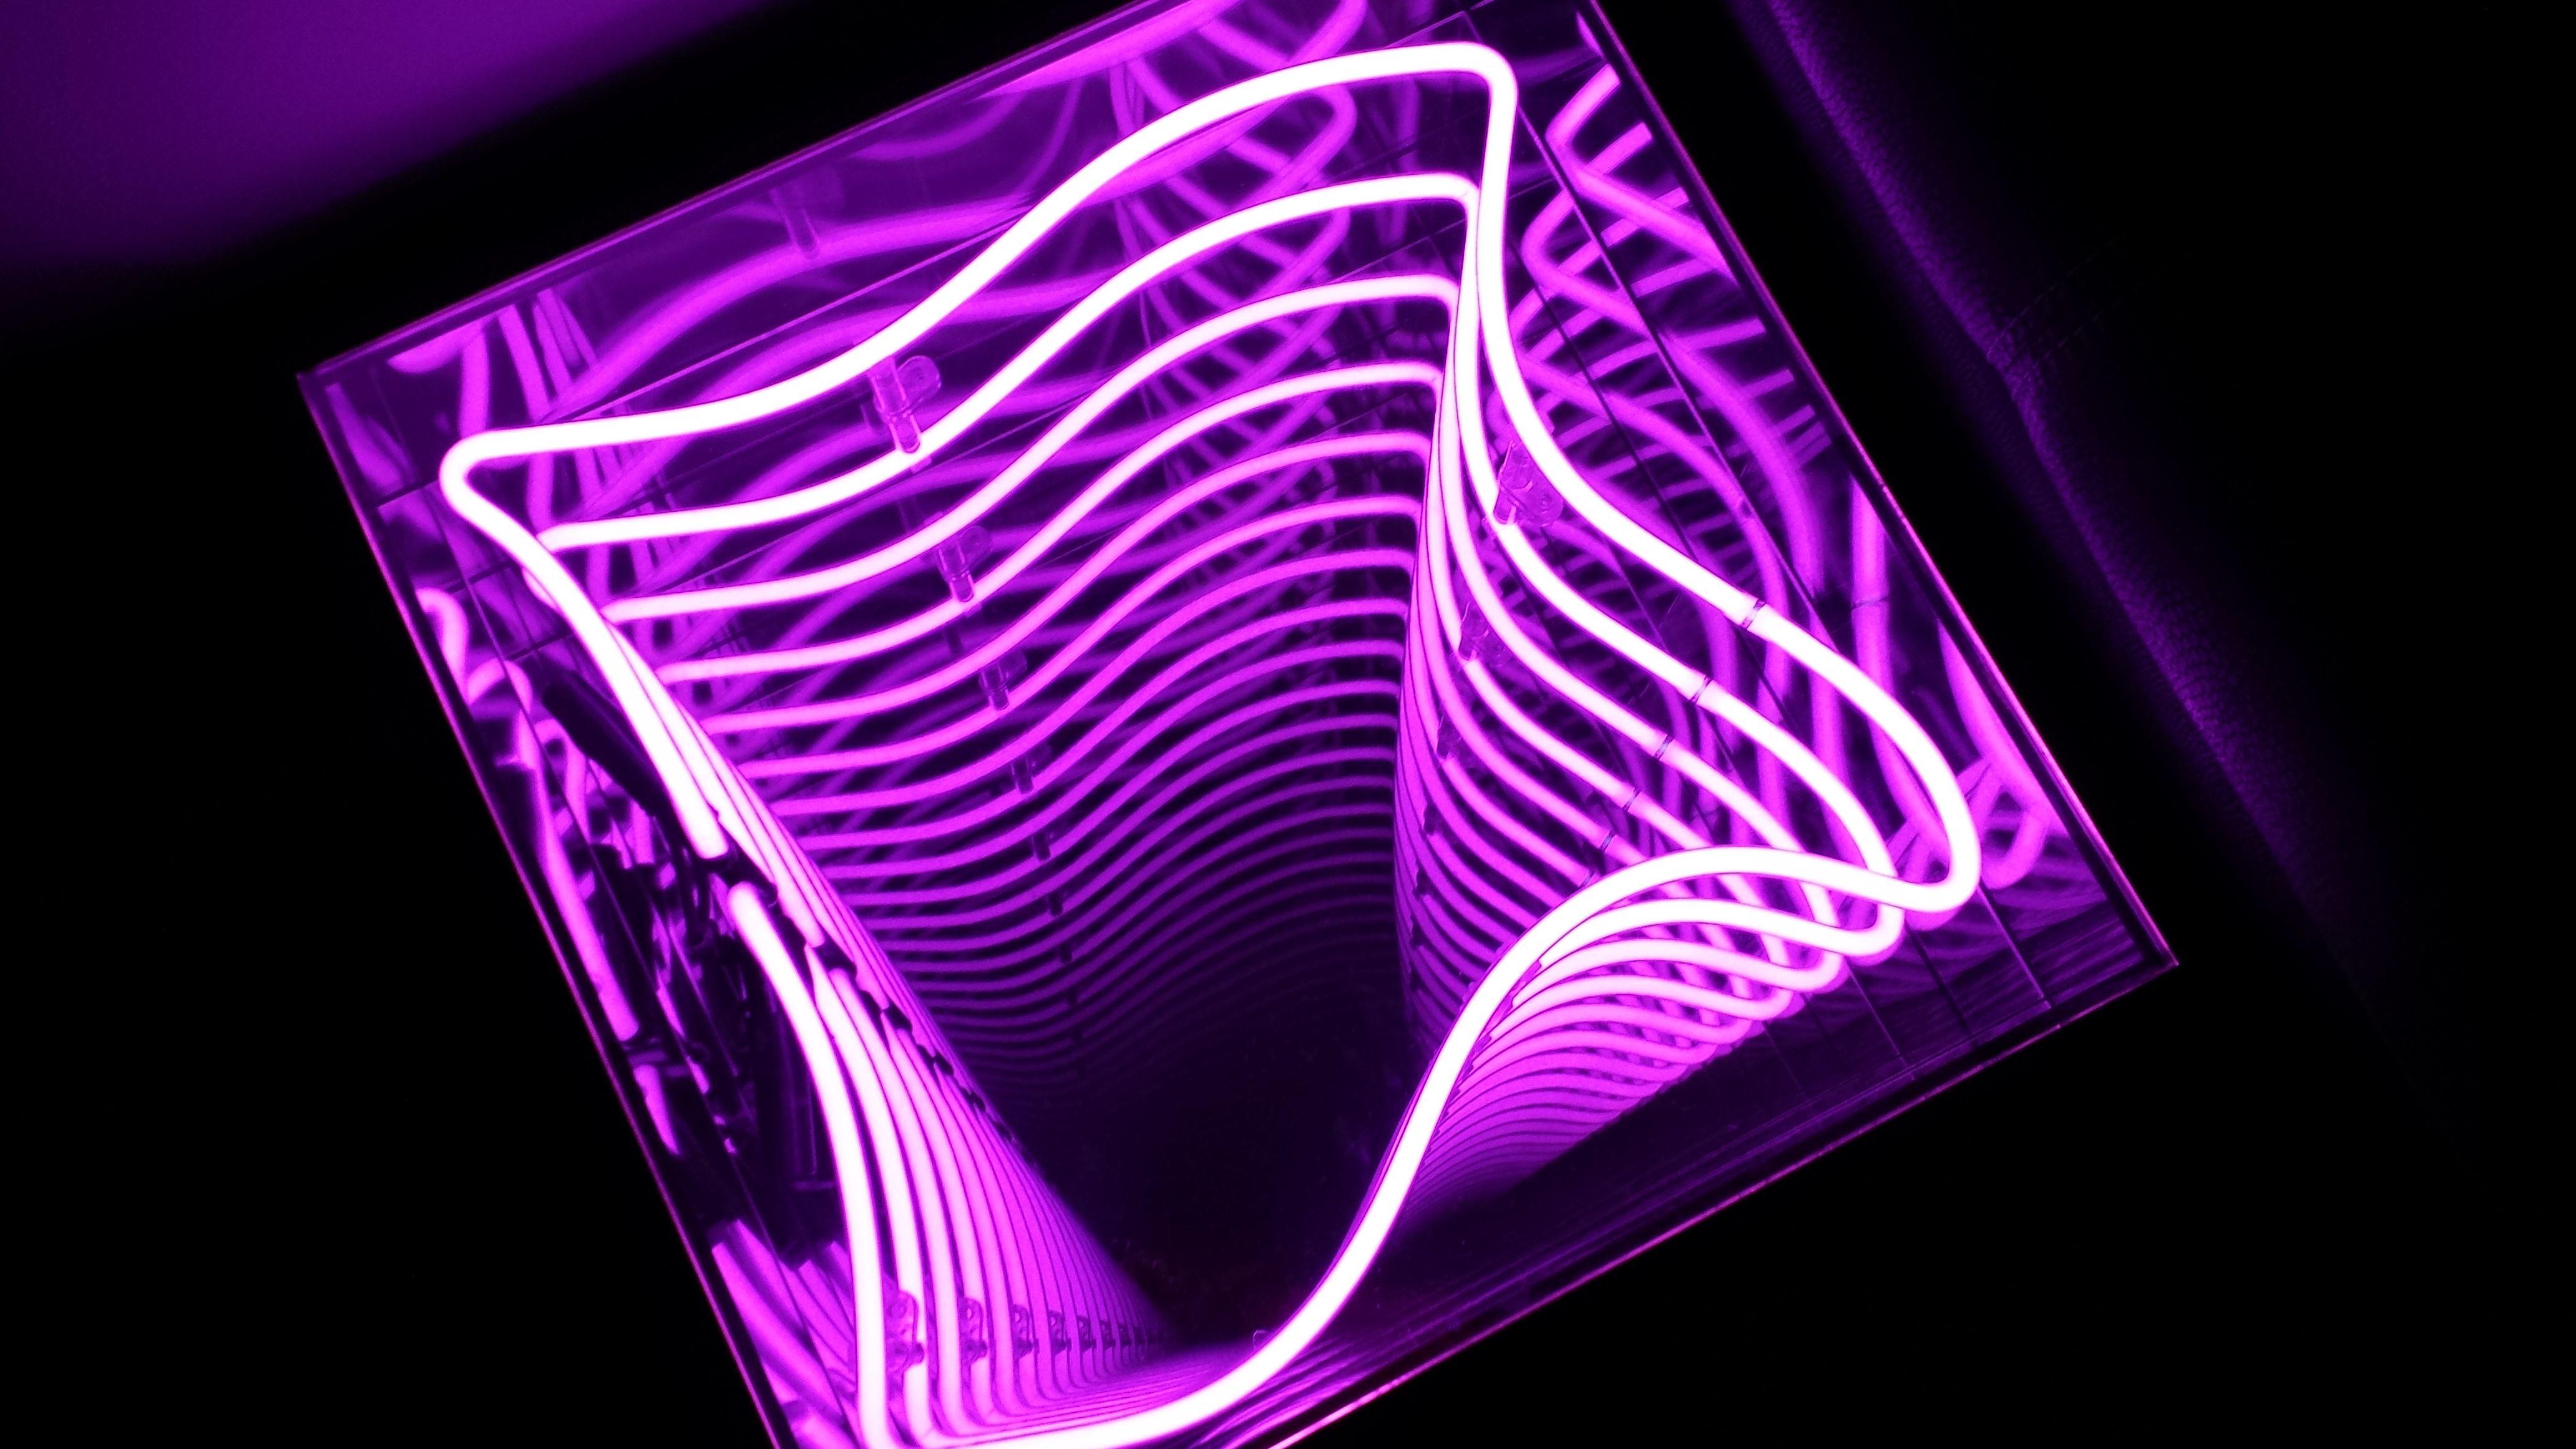 🖤 Spotify Logo Aesthetic Purple - 2021